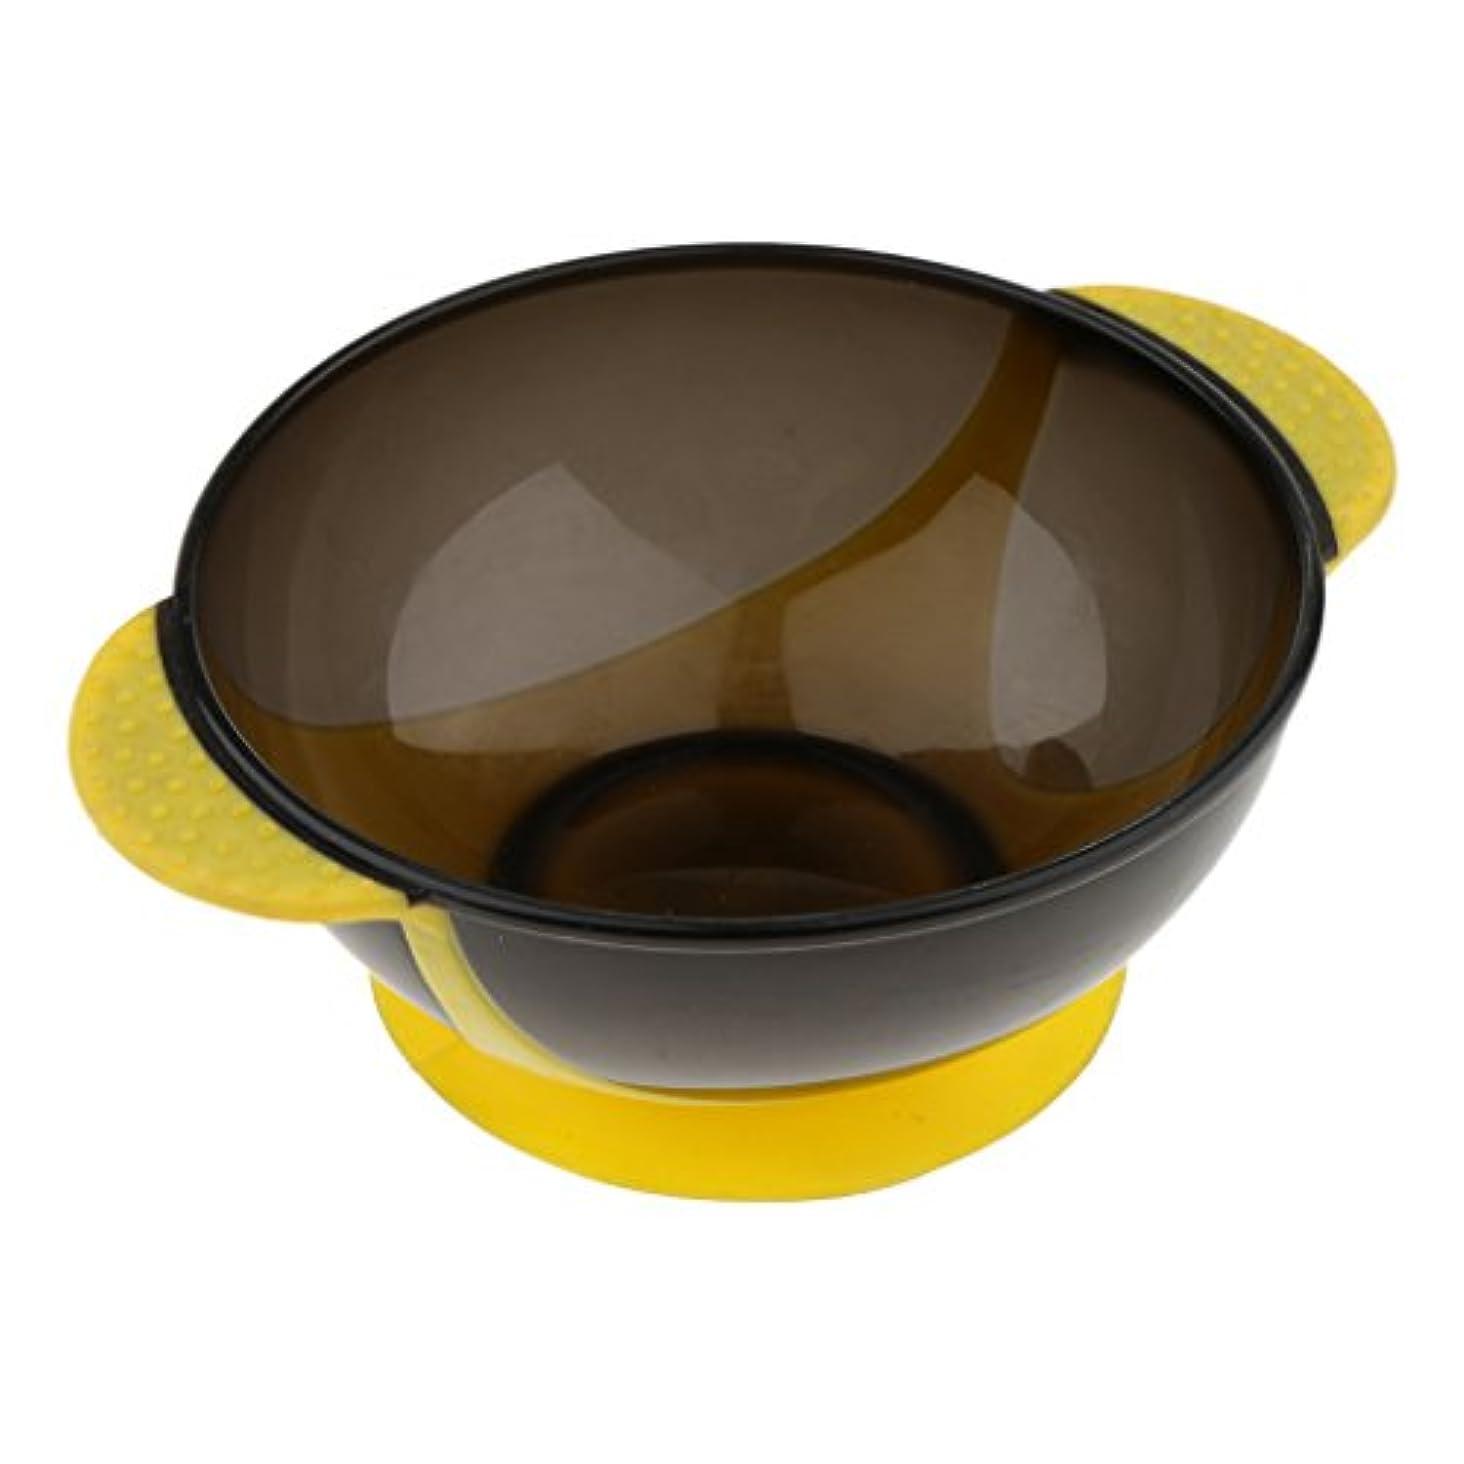 移行惨めなパンダヘアダイボウル プラスチック製 サロン 髪染め ミントボウル 着色ツール 吸引ベース 3色選べる - 黄